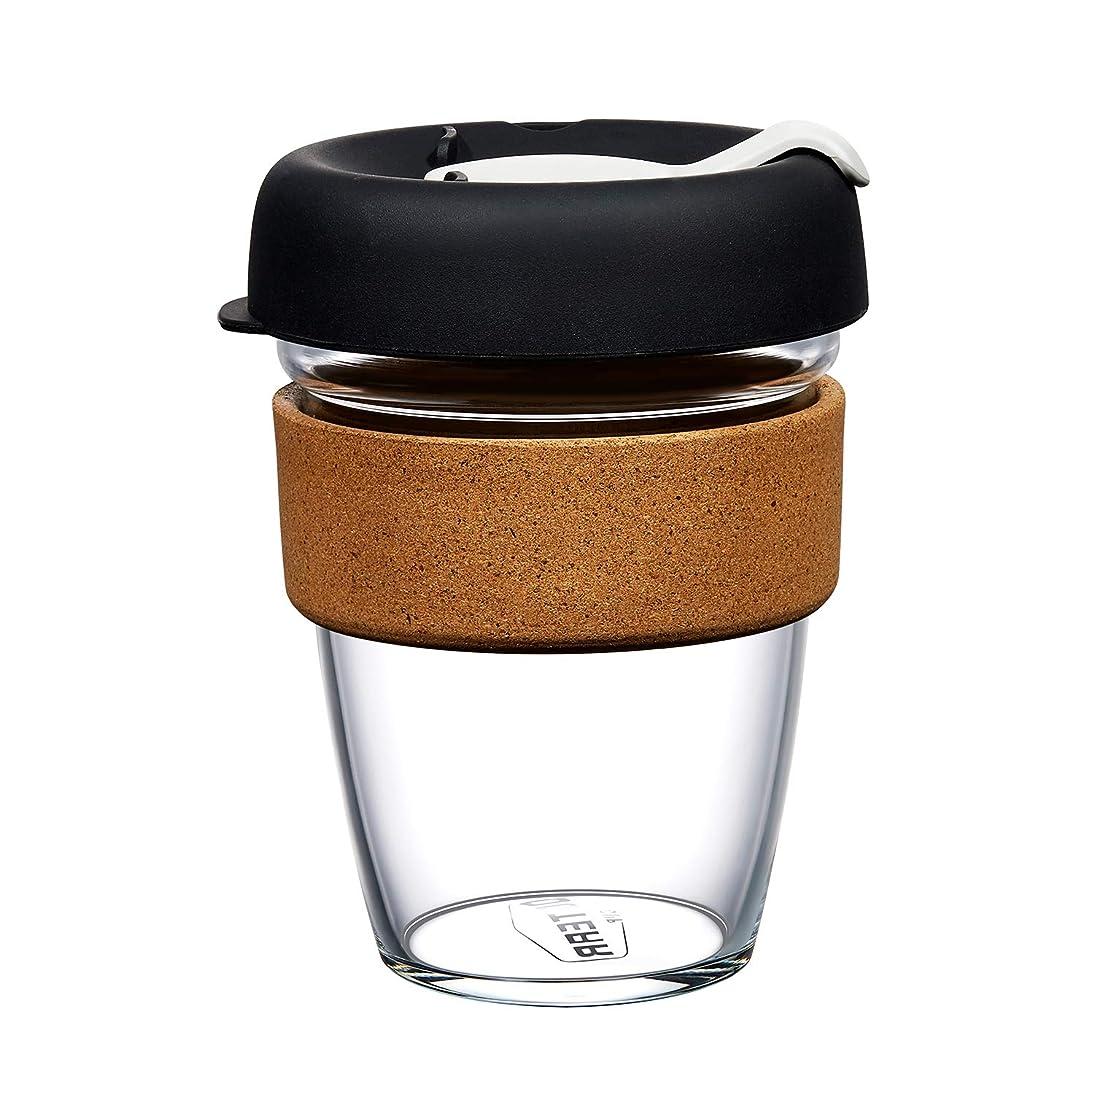 関与するエンターテインメントぶどうOcterr コーヒーカップ コンビニマグ 携帯カップ グラス ガラスカップ タンブラー 耐熱 持ち運び アウトドア 蓋付き コルクカバー 滑り止め プレゼント ビジネス 340ml ブラック